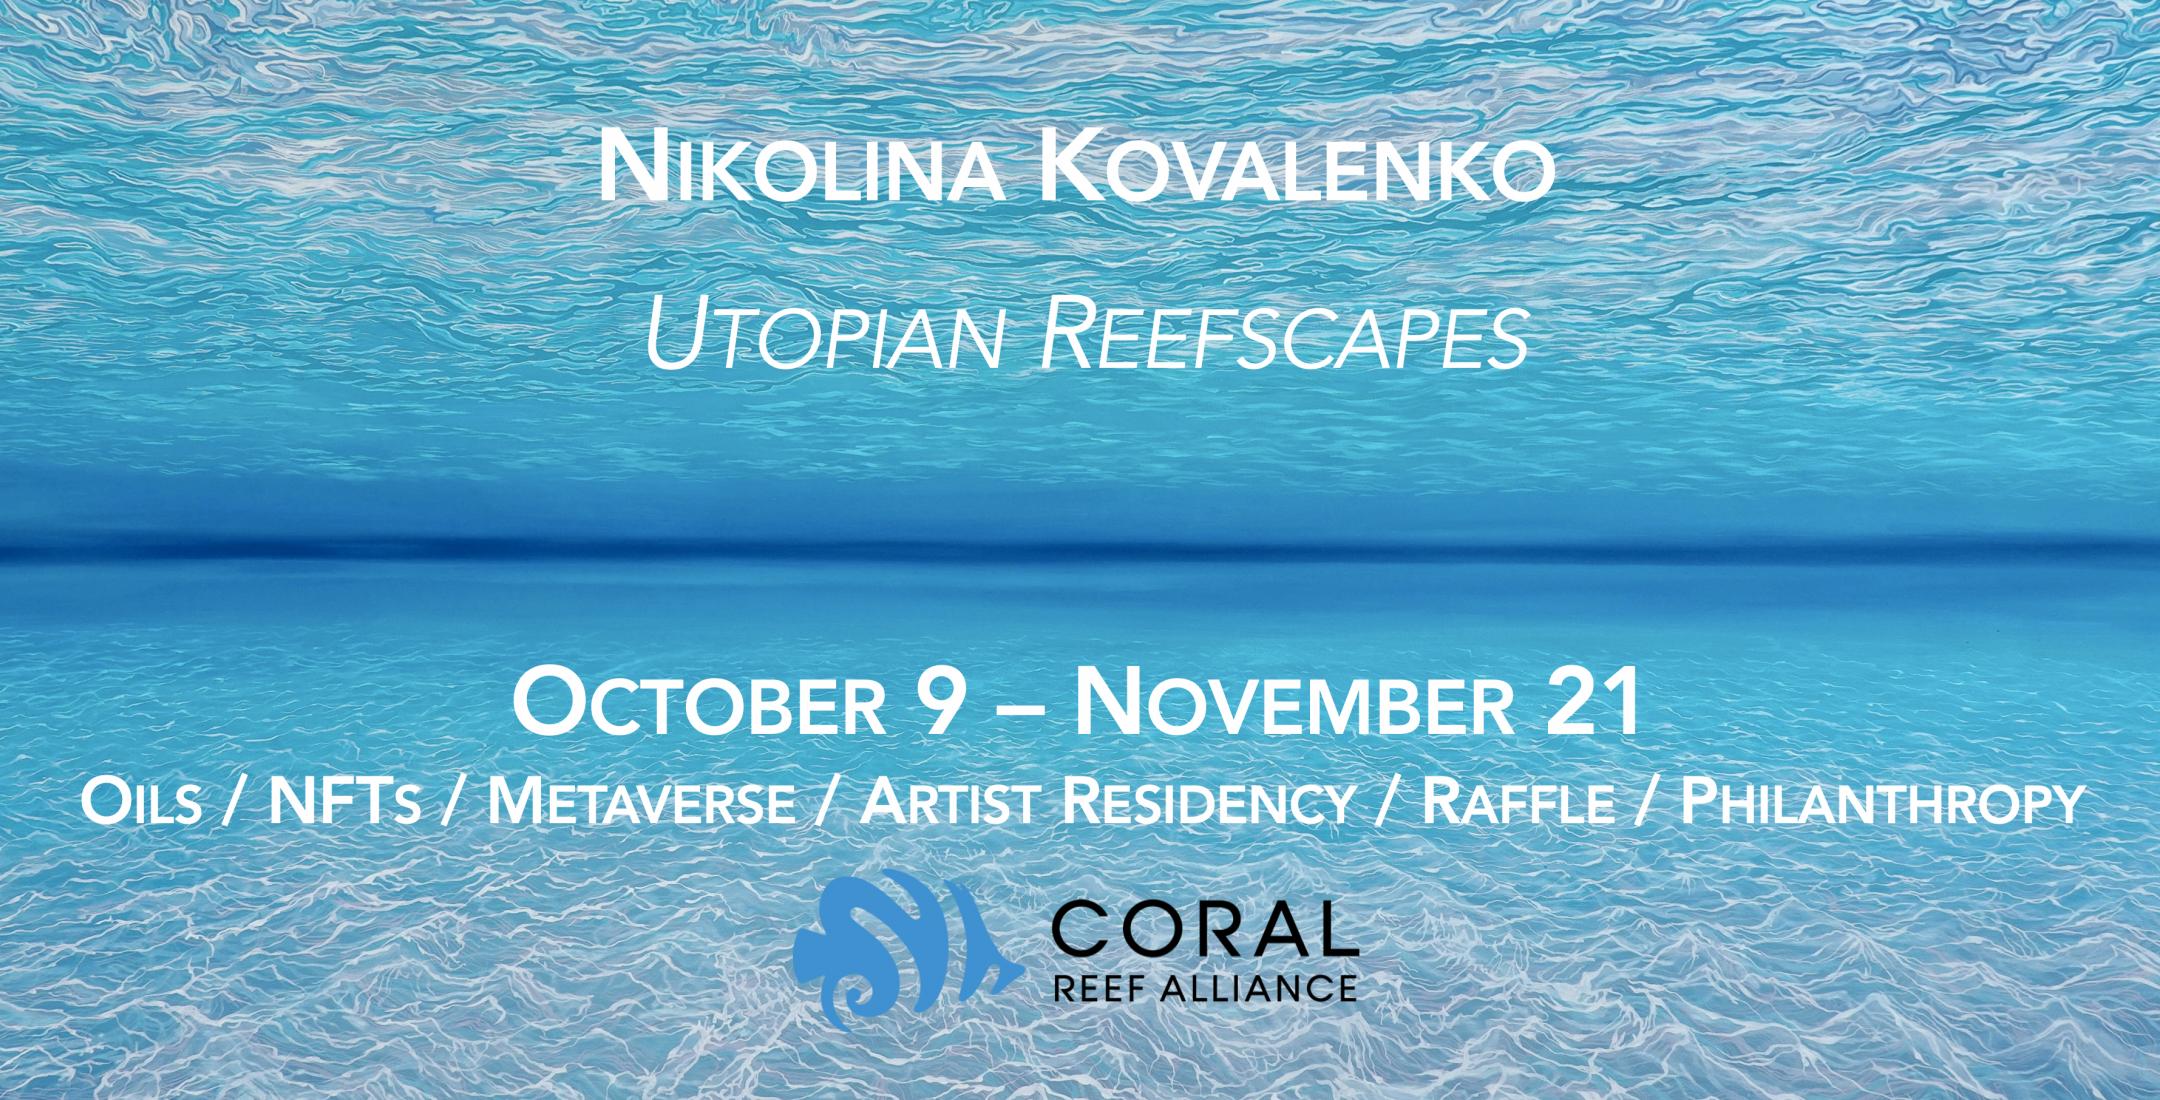 Utopian Reefscapes – Nikolina Kovalenko